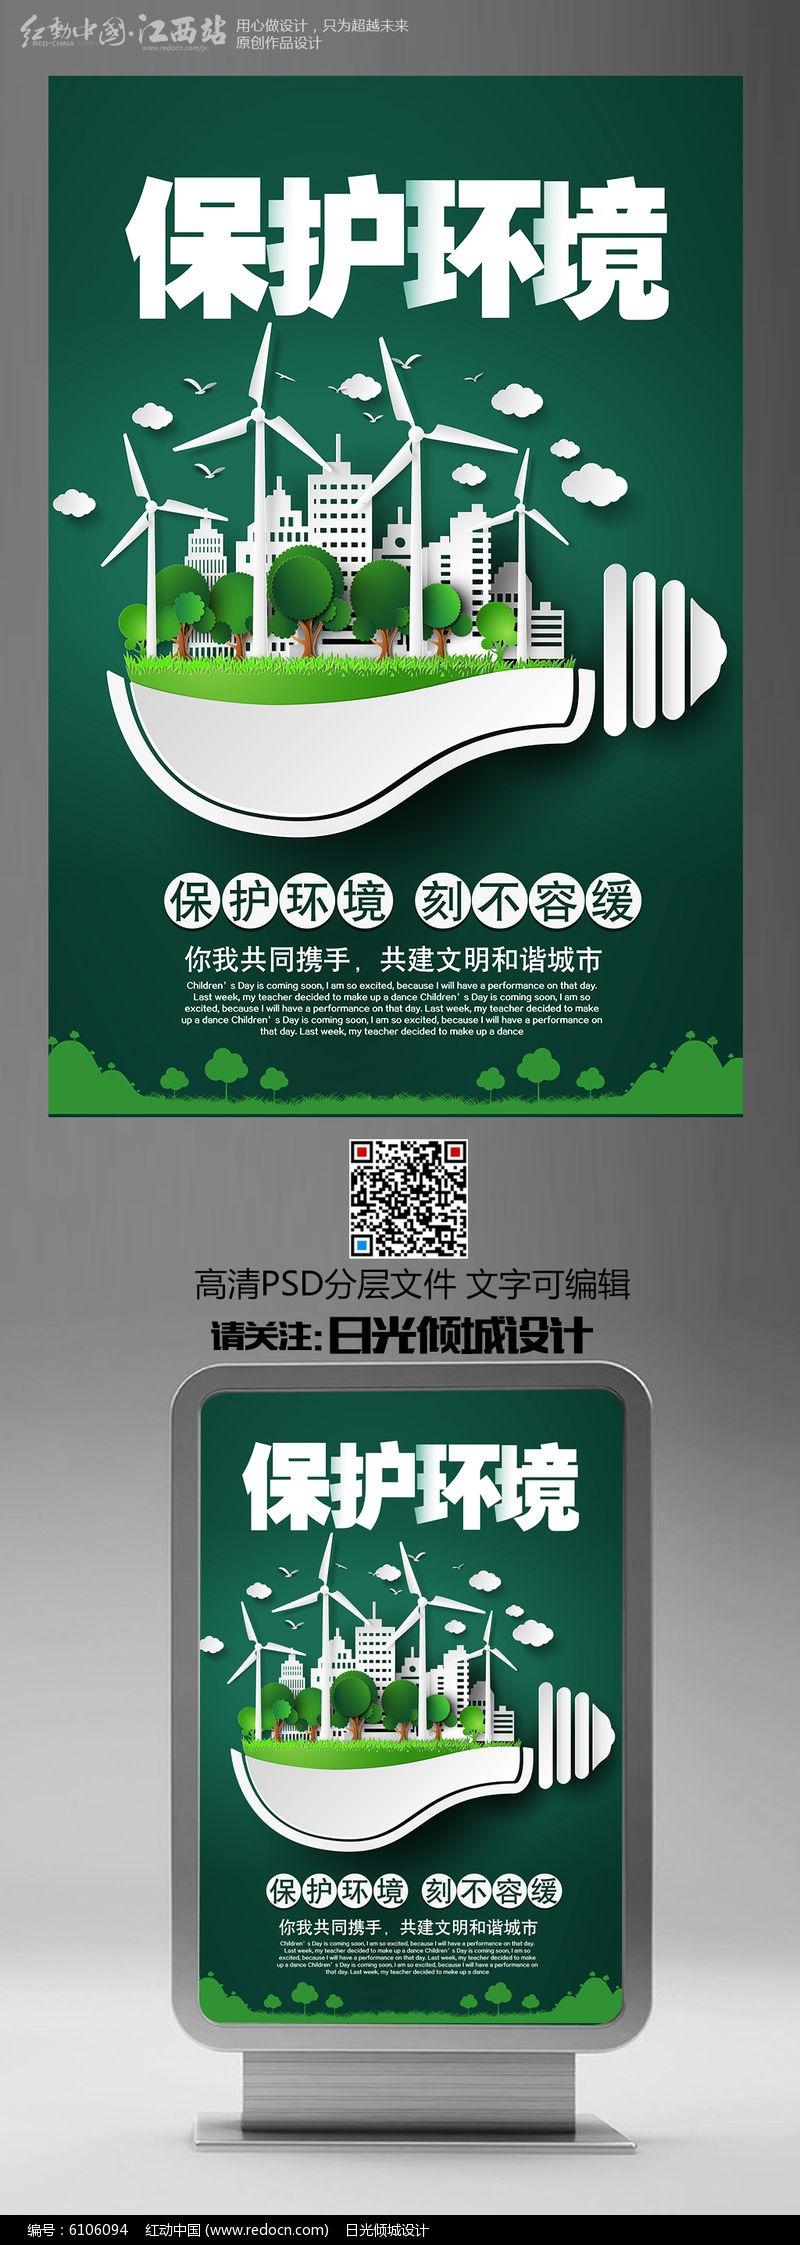 绿色保护环境公益海报设计